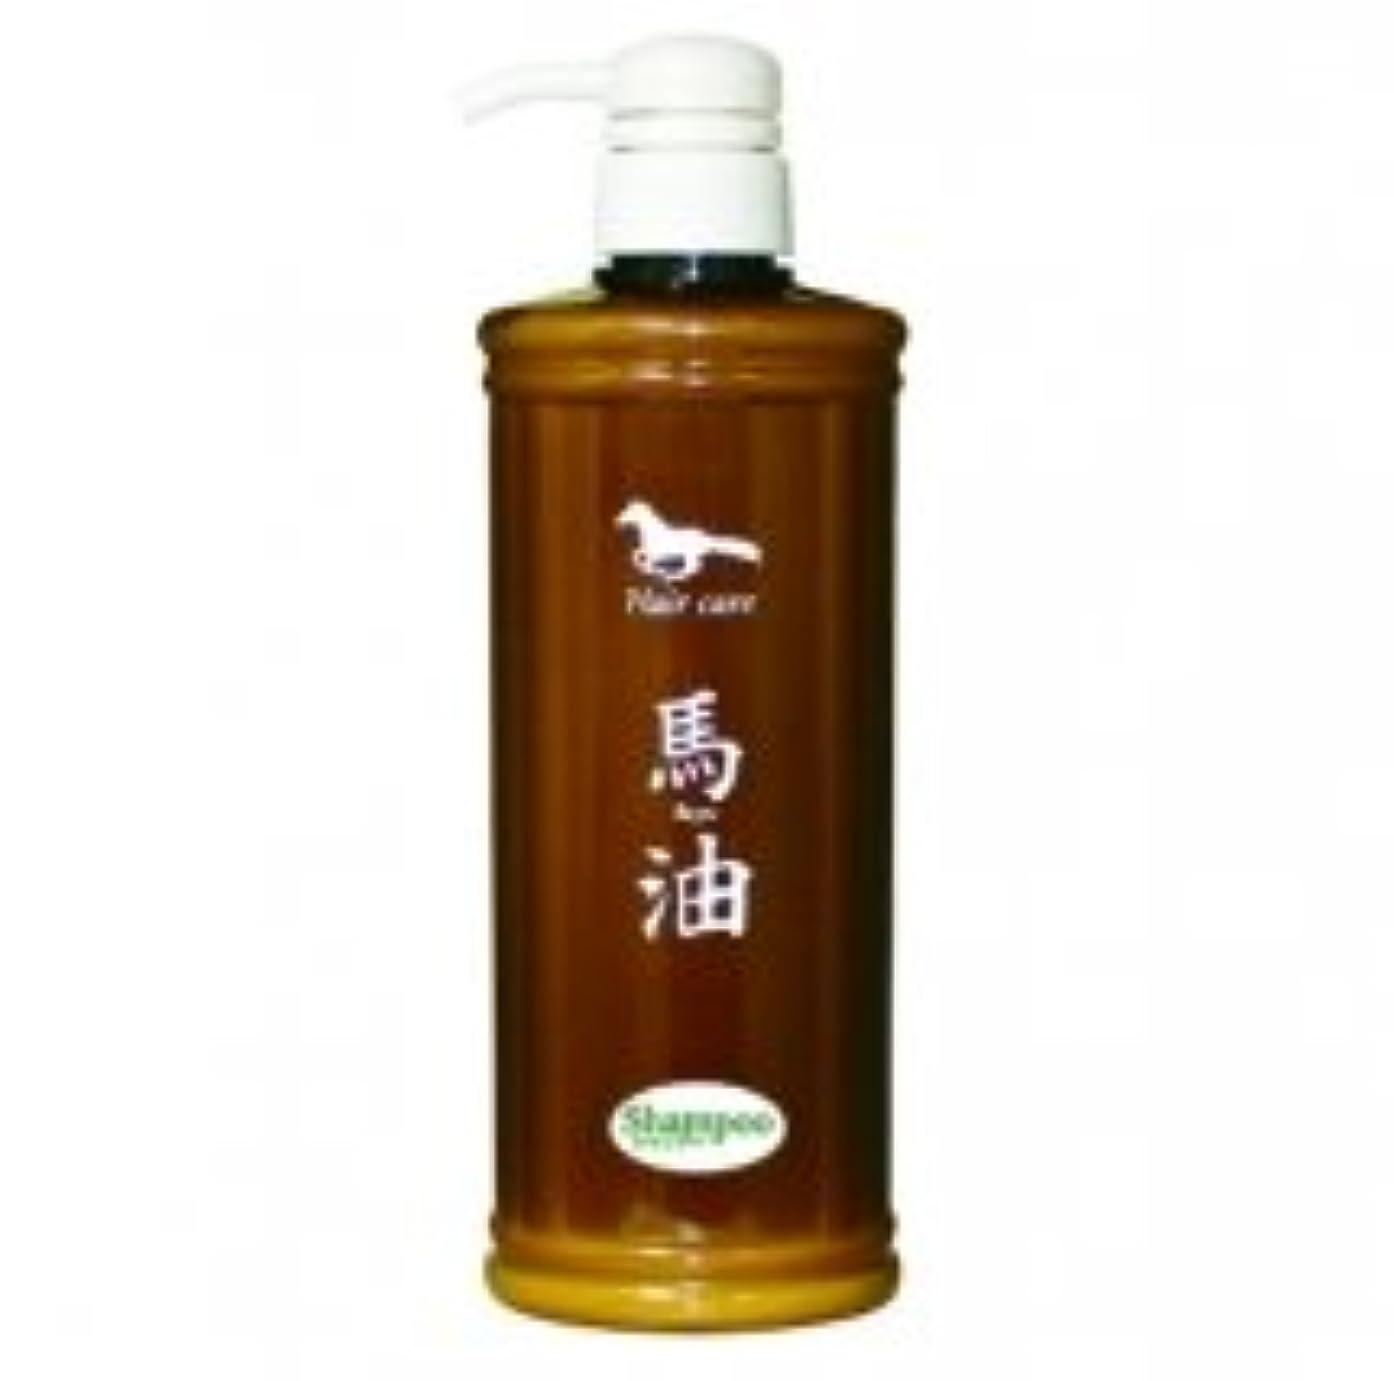 発行する重要なのためにりりか AKシャンプー 馬油シャンプー 馬油が髪を保護、しっとりうるおう仕上がり 無添加 日本製